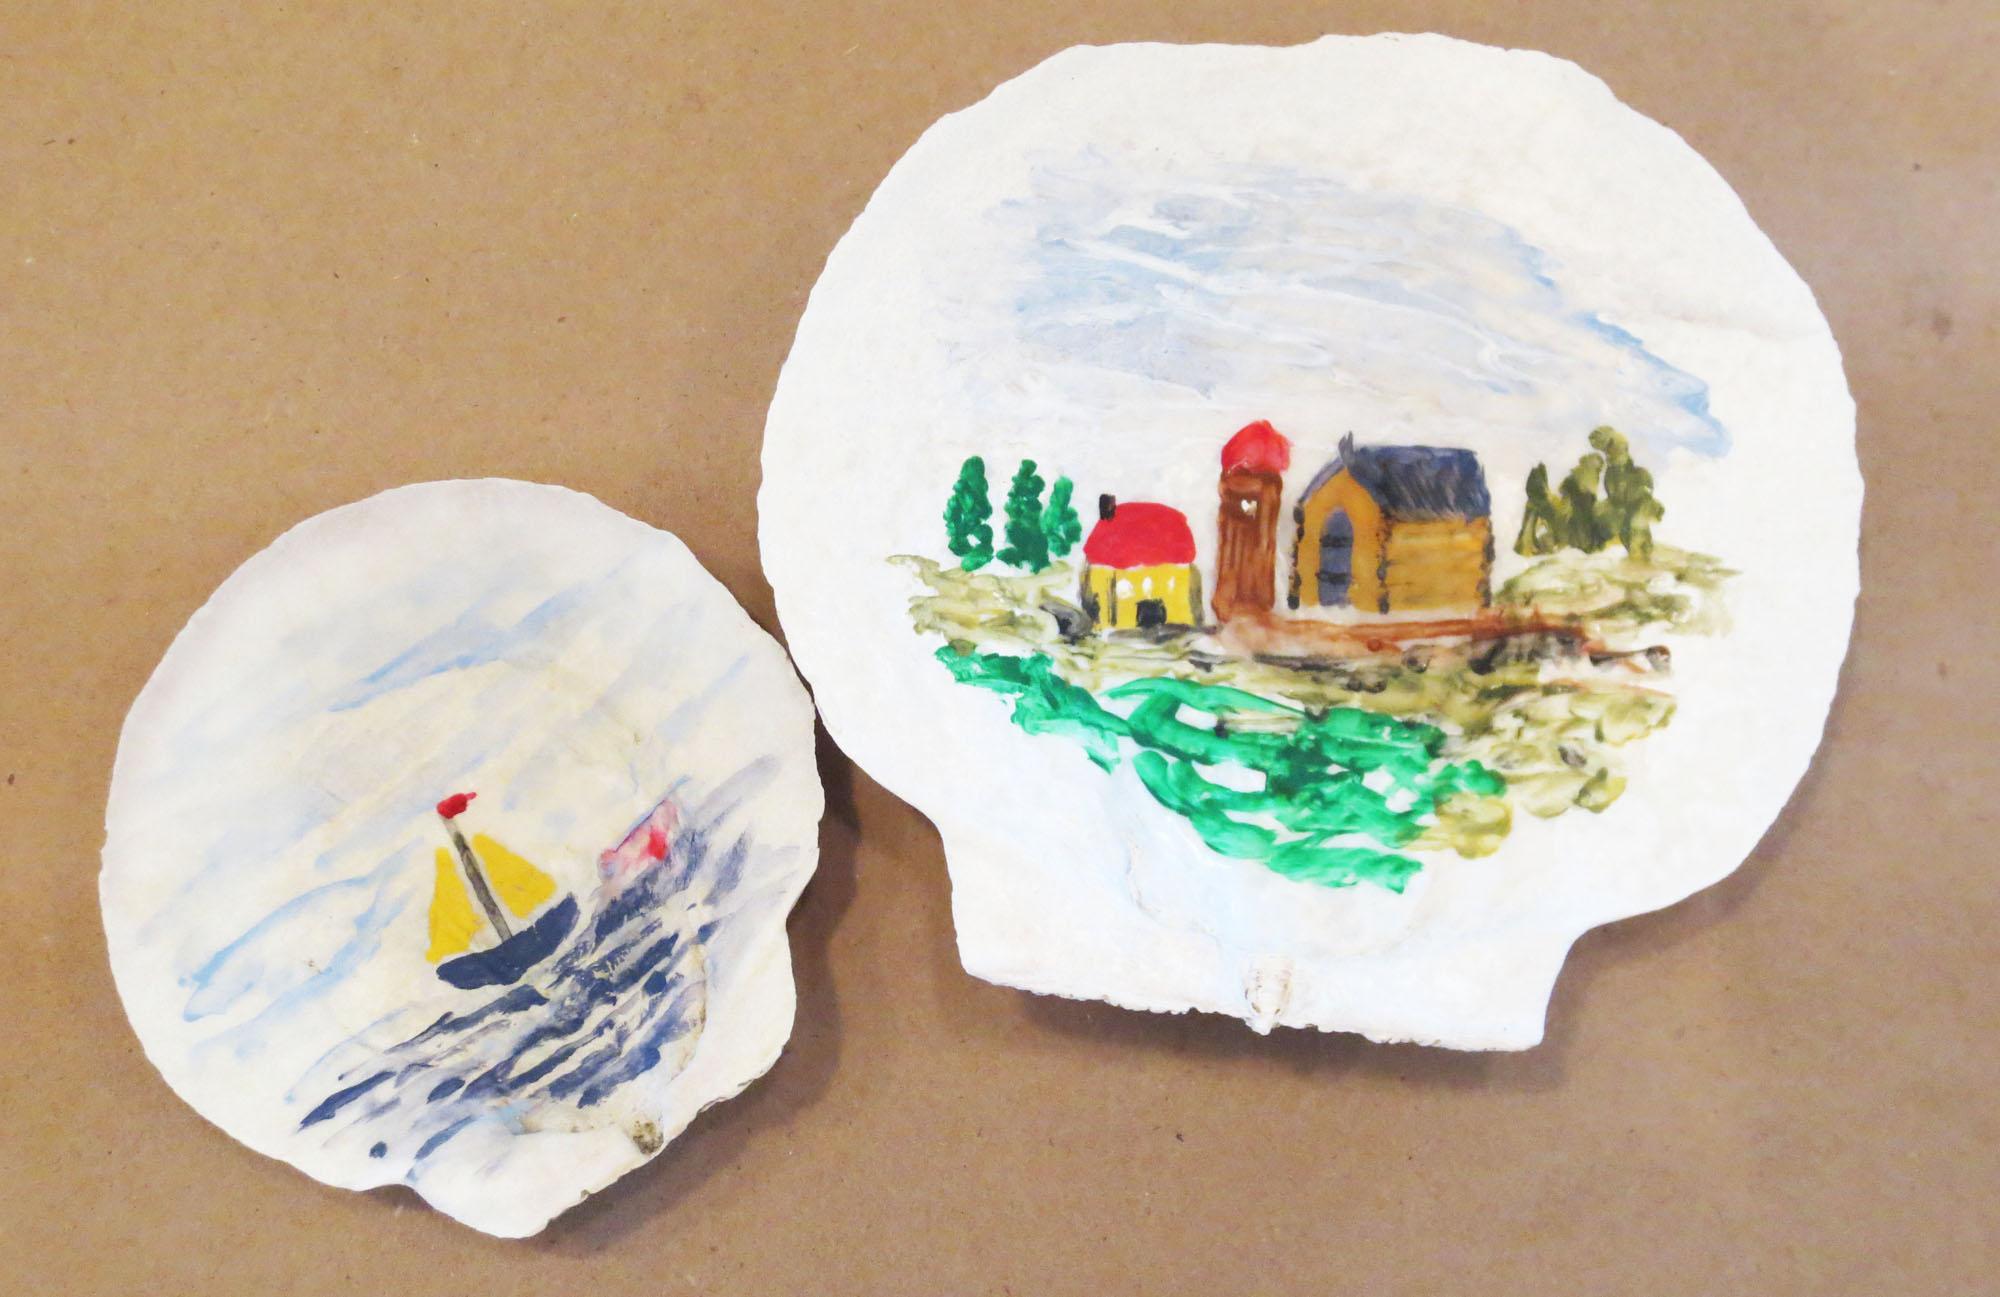 Painting on seashells